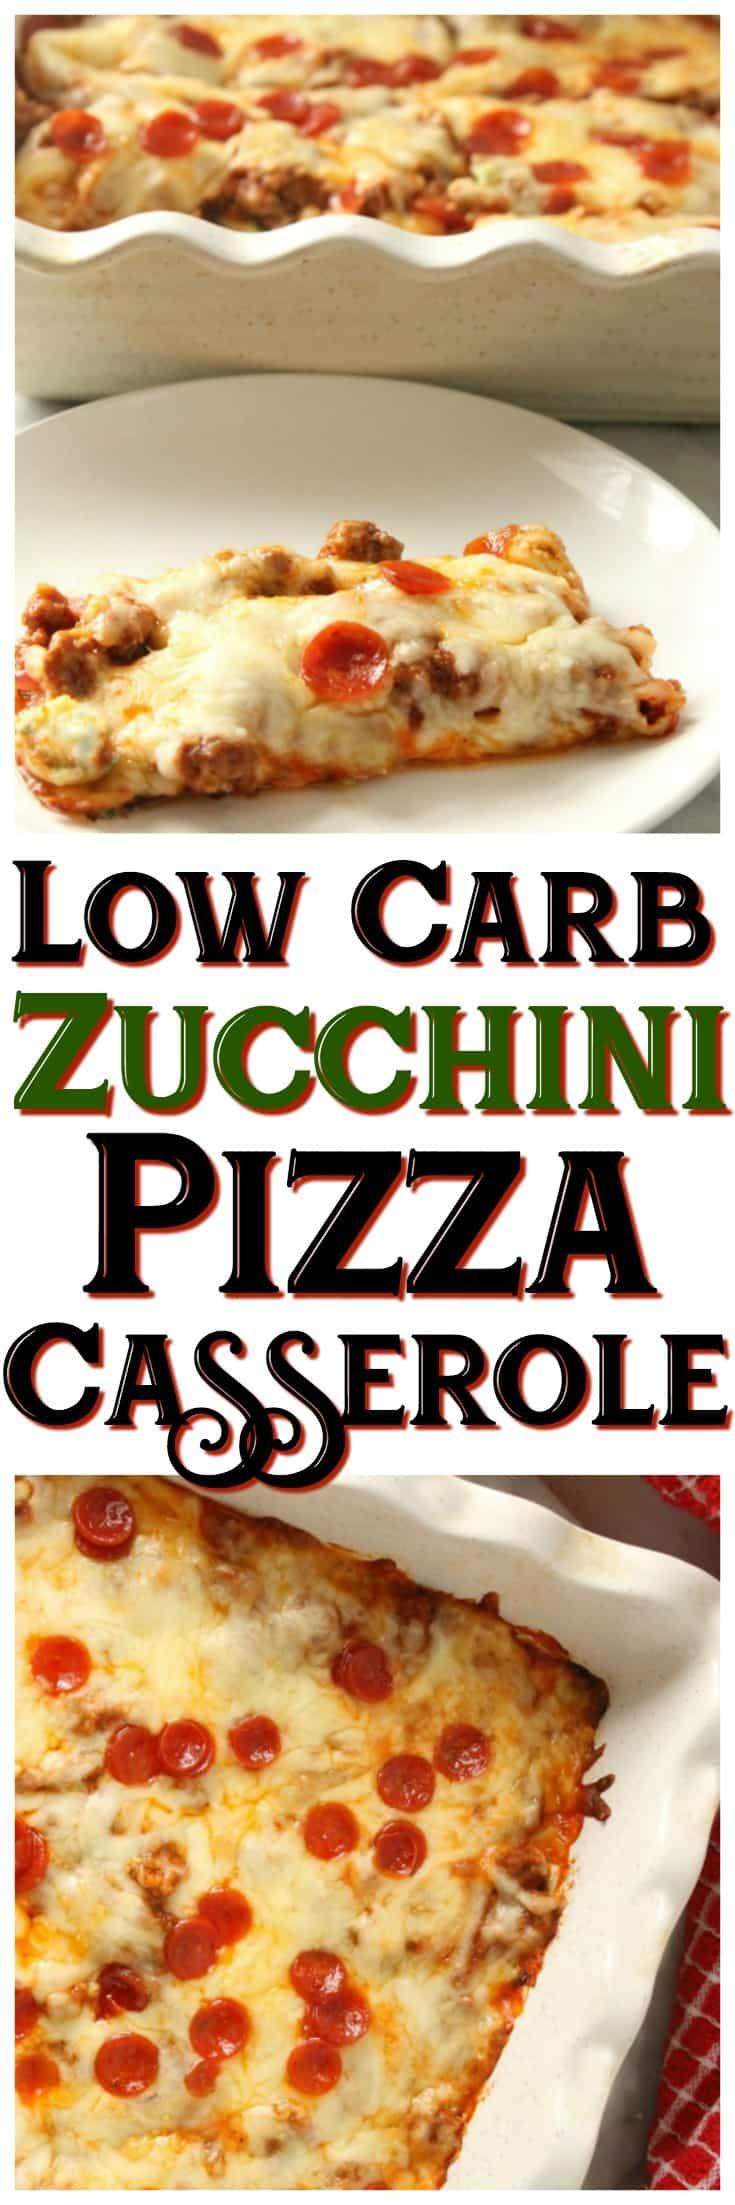 keto zucchini pizza casserole